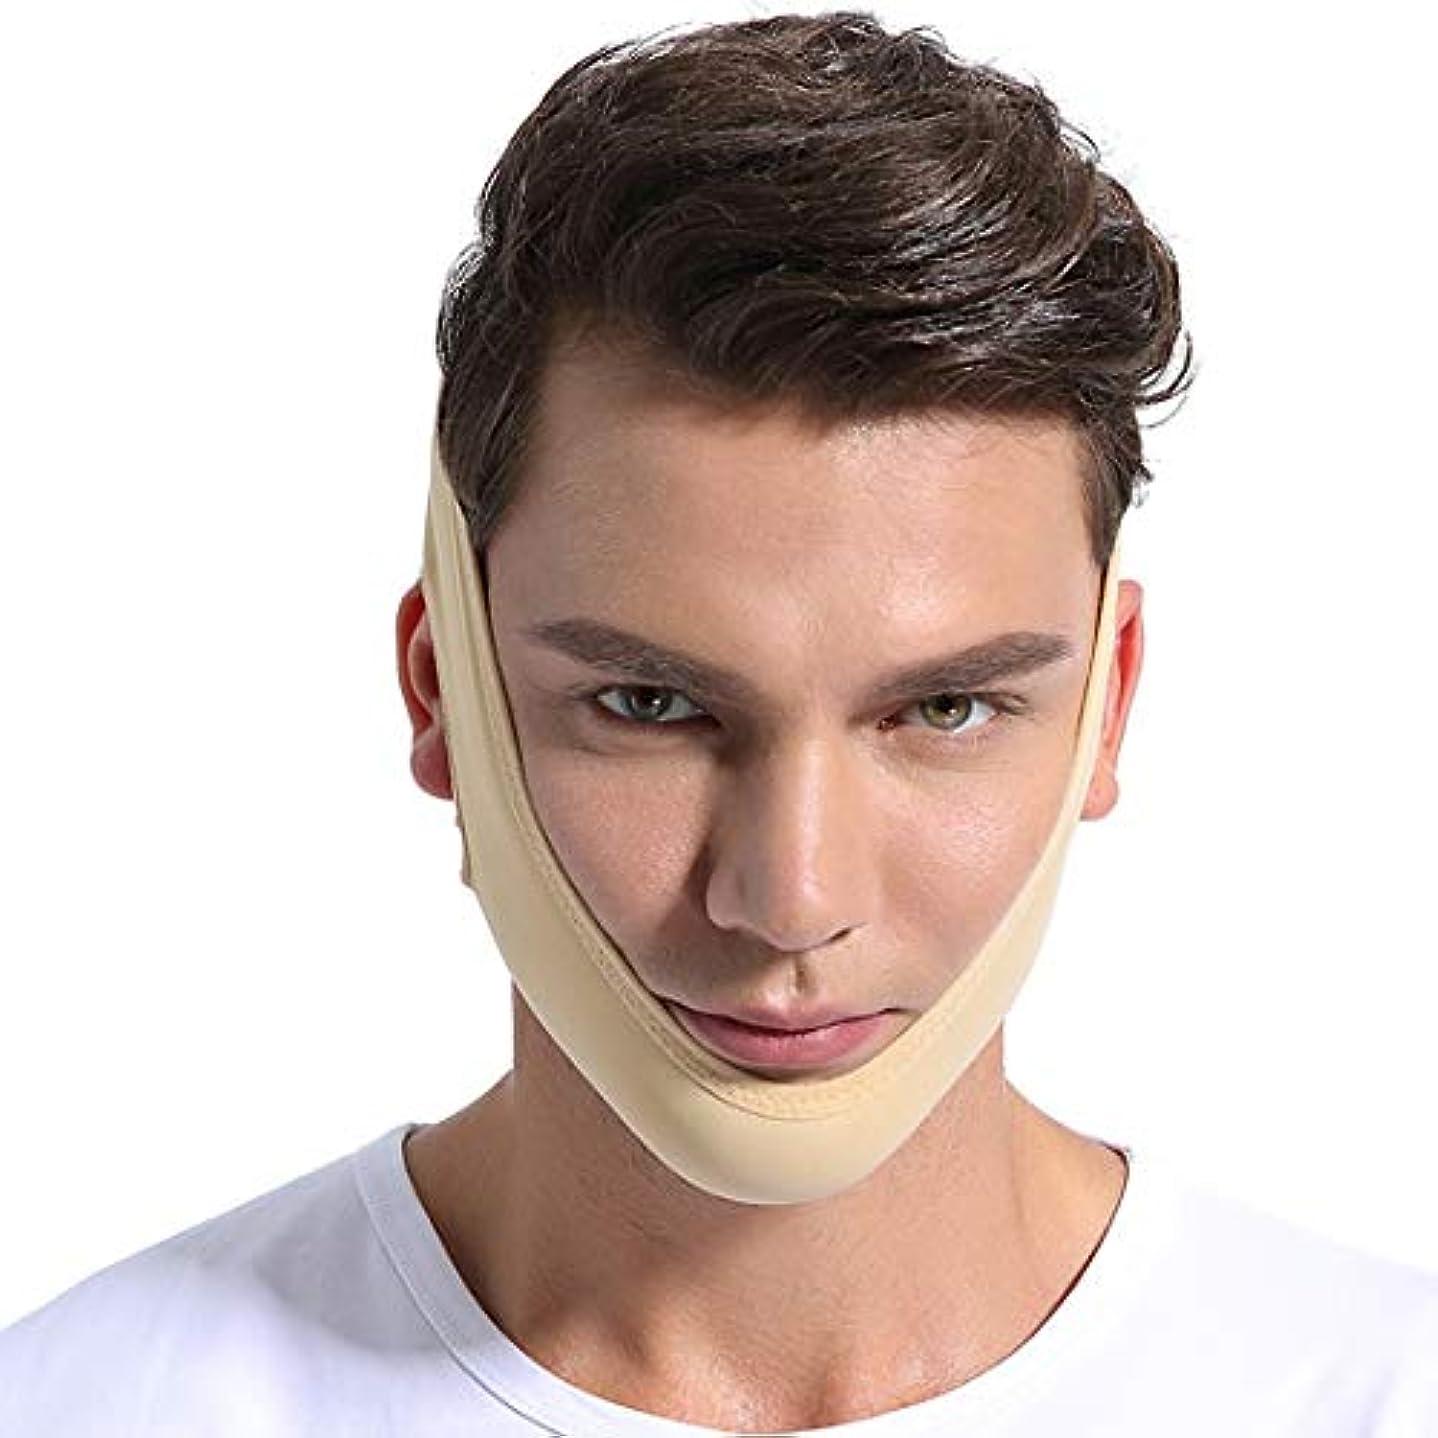 通行料金お互い欺くZWBD フェイスマスク, 薄い顔包帯医療フェイスライン彫刻術後回復リフティングマスク男性の女性の顔包帯ヘッドギアv顔薄い顔アーティファクト